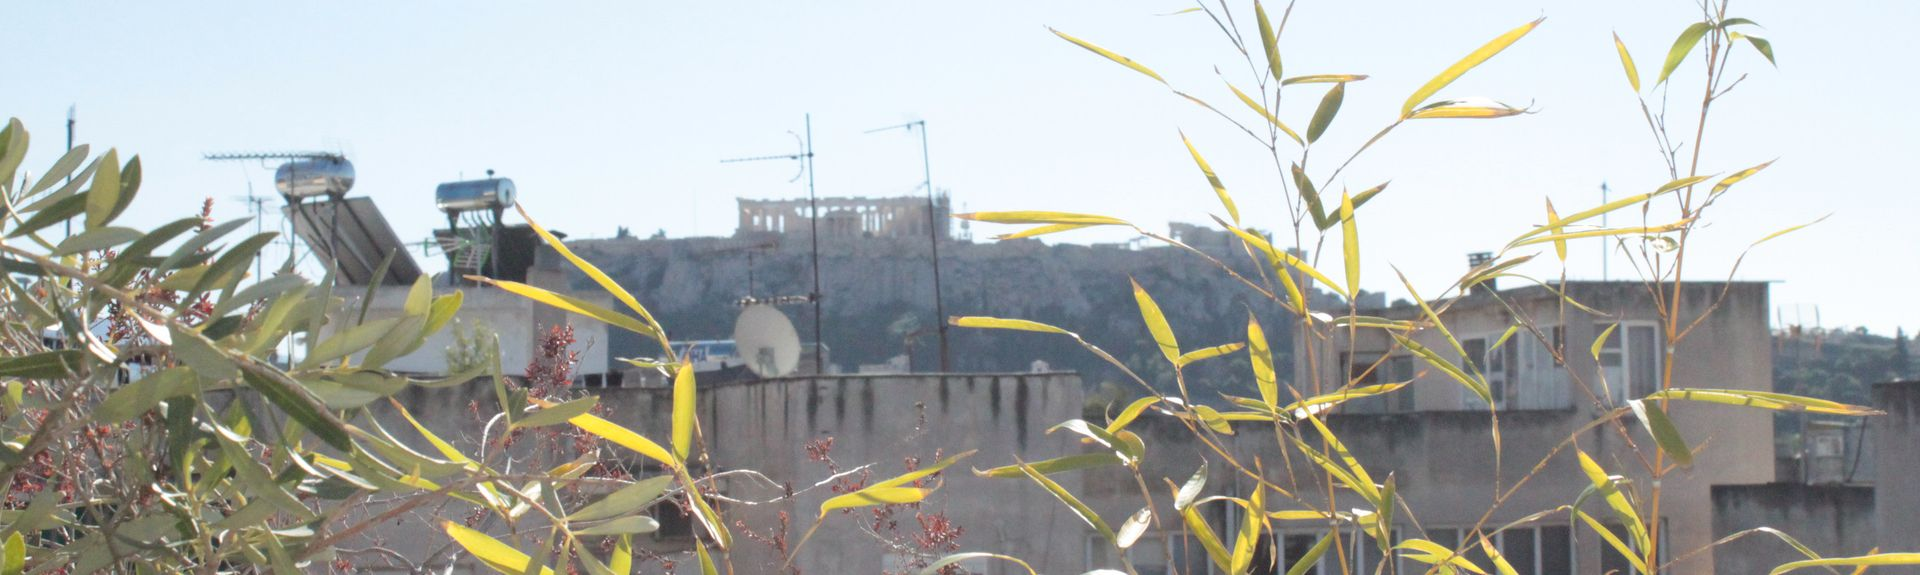 Πλατεία Ομονοίας, Αθήνα, Αττική, Ελλάδα